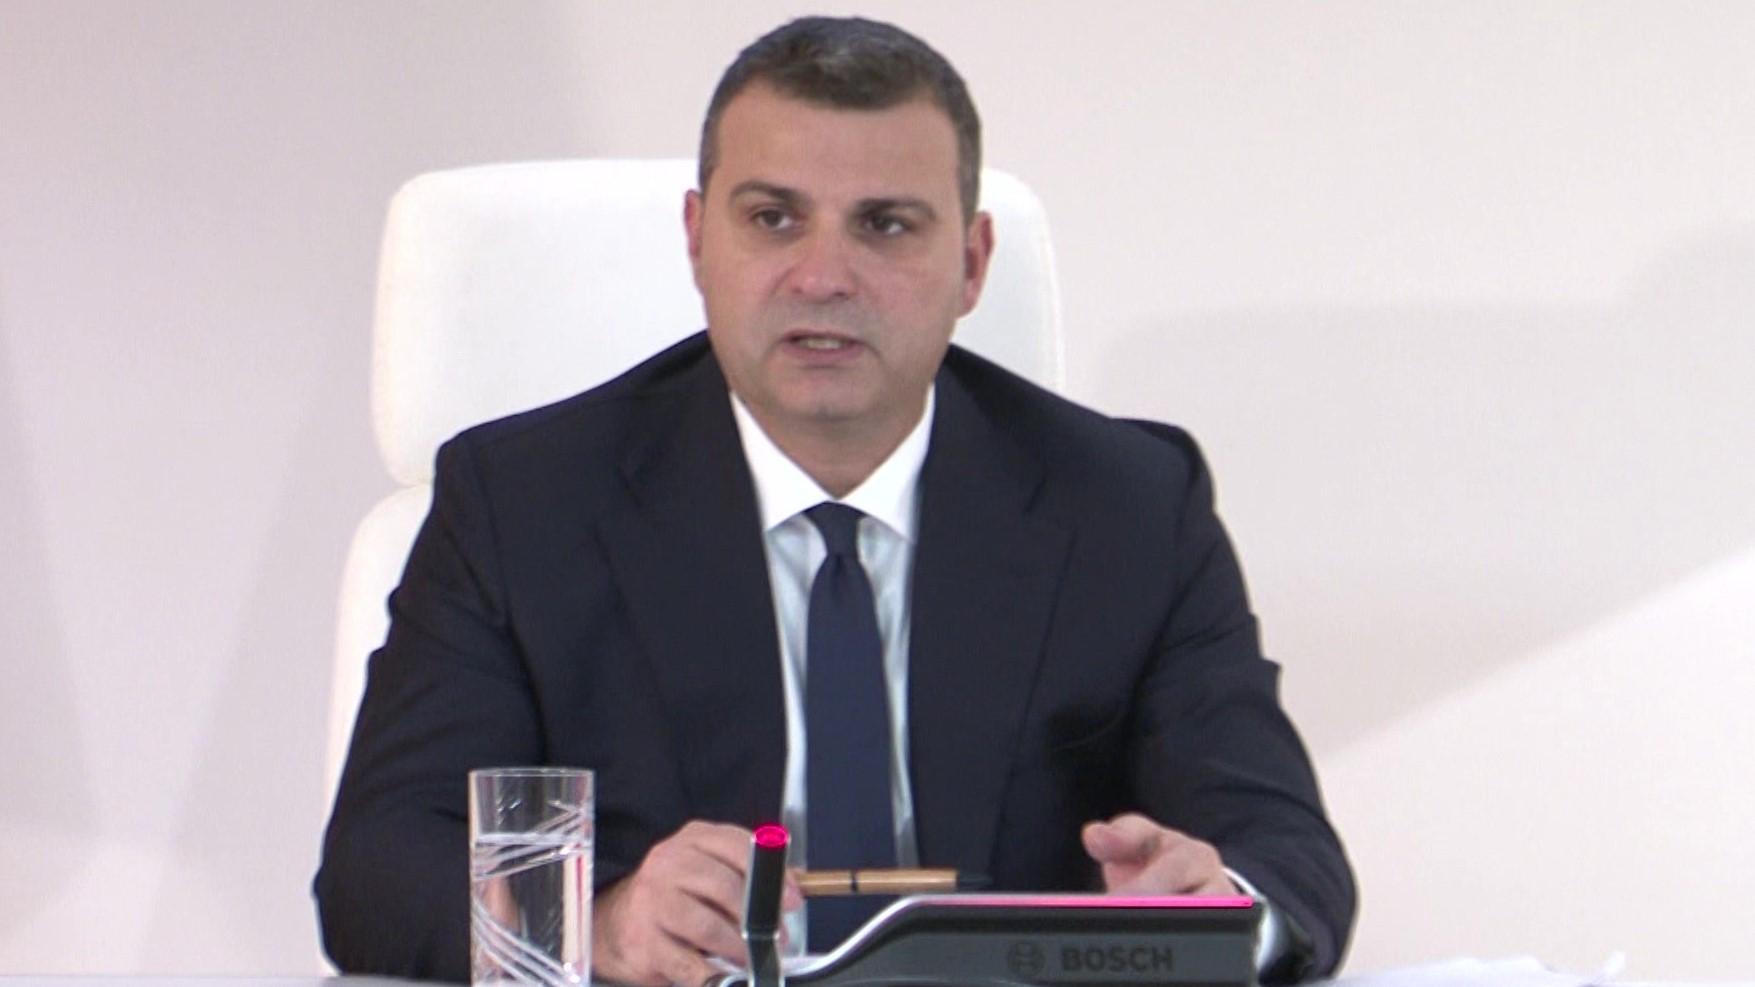 Guvernatori Sejko shprehet optimist për të ardhmen e ekonomisë